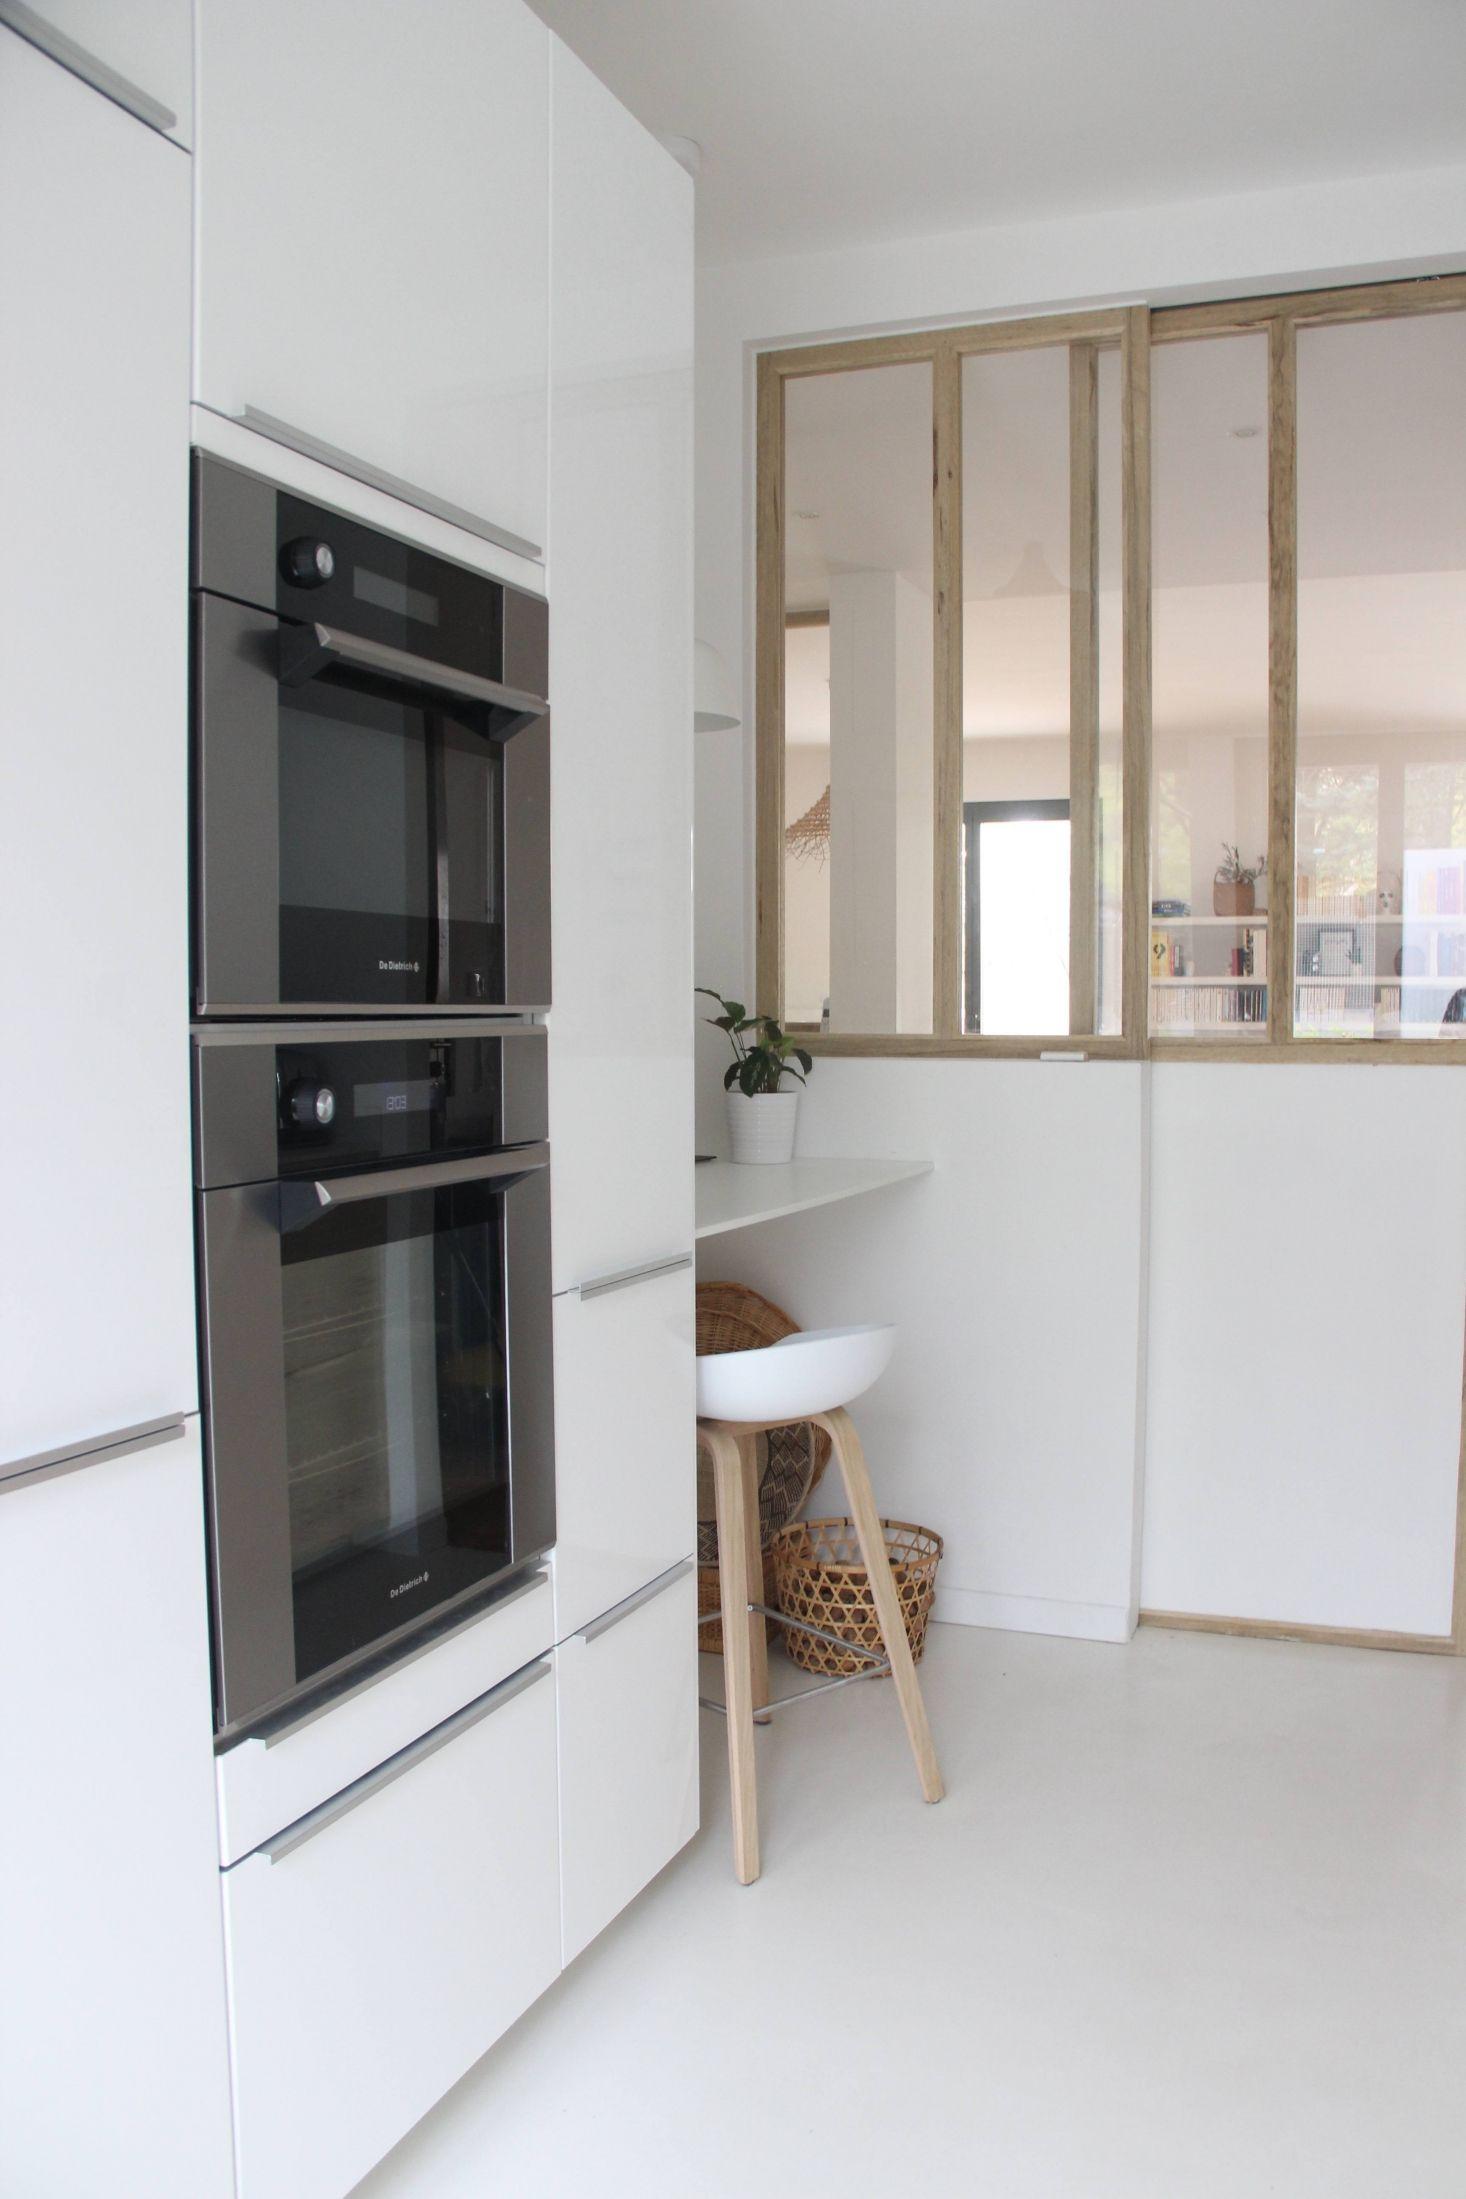 19 Precio Cocina Ikea Decoración de terrazas